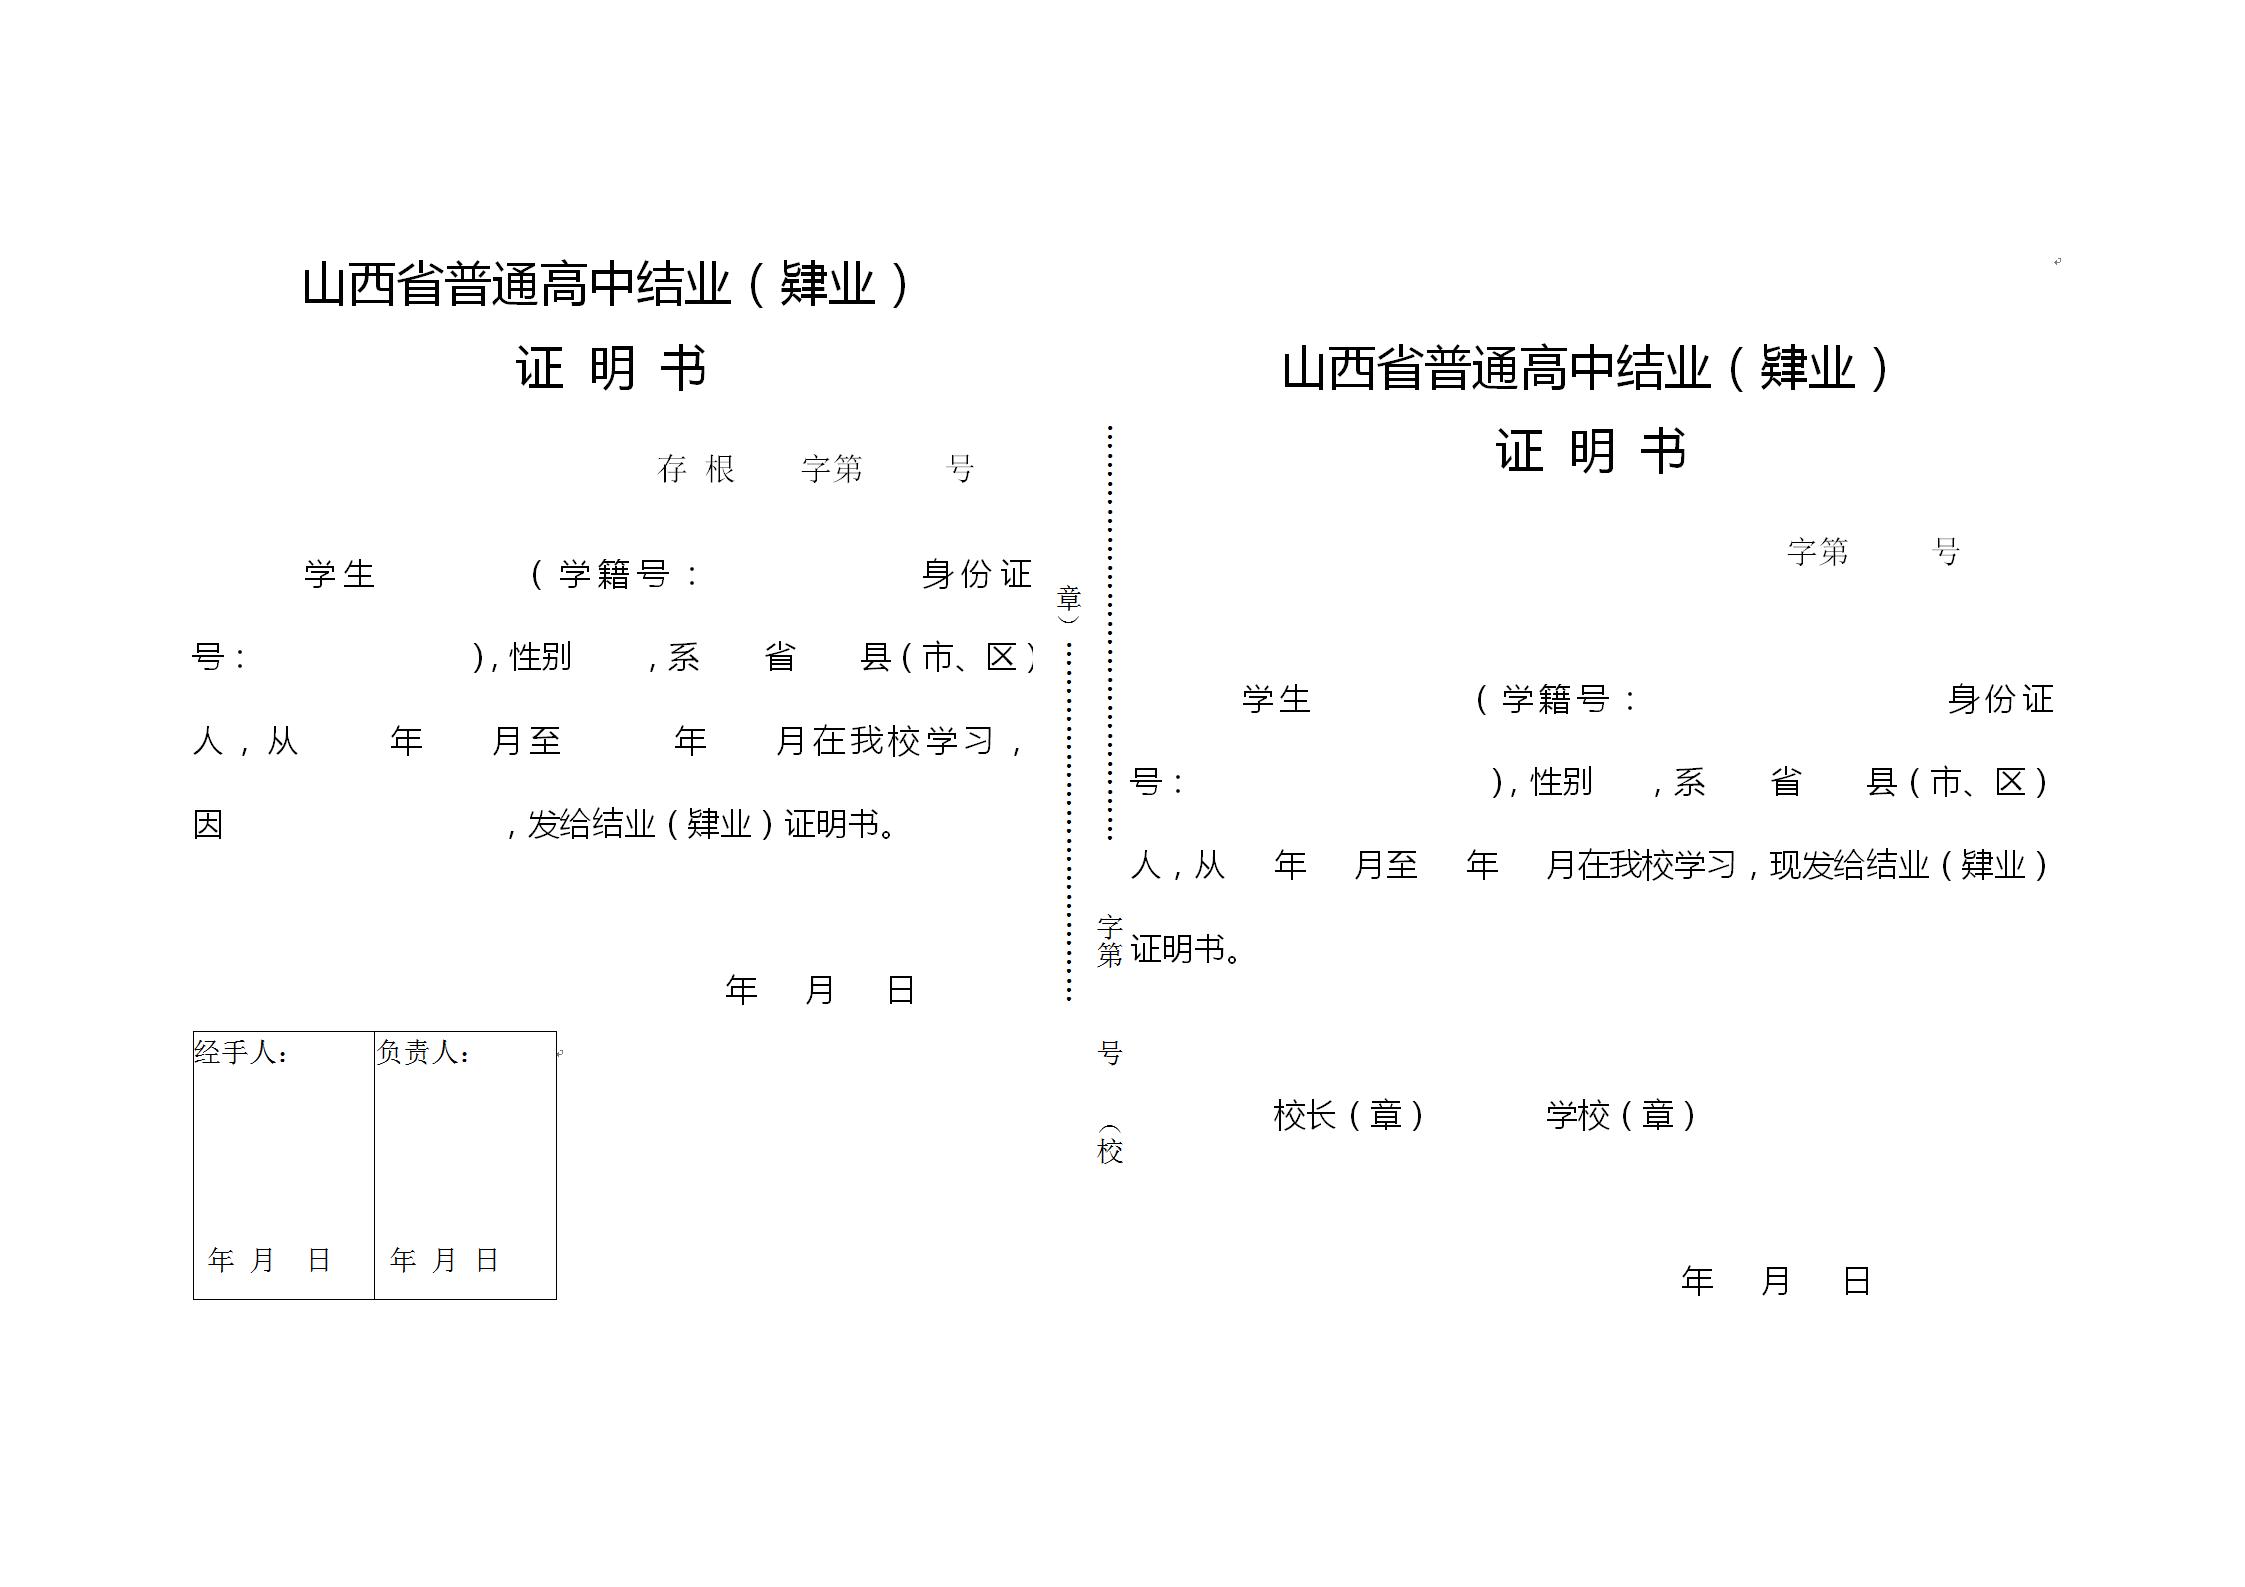 附件7.山西省普通高中结业(肄业)证明书式样_01.png